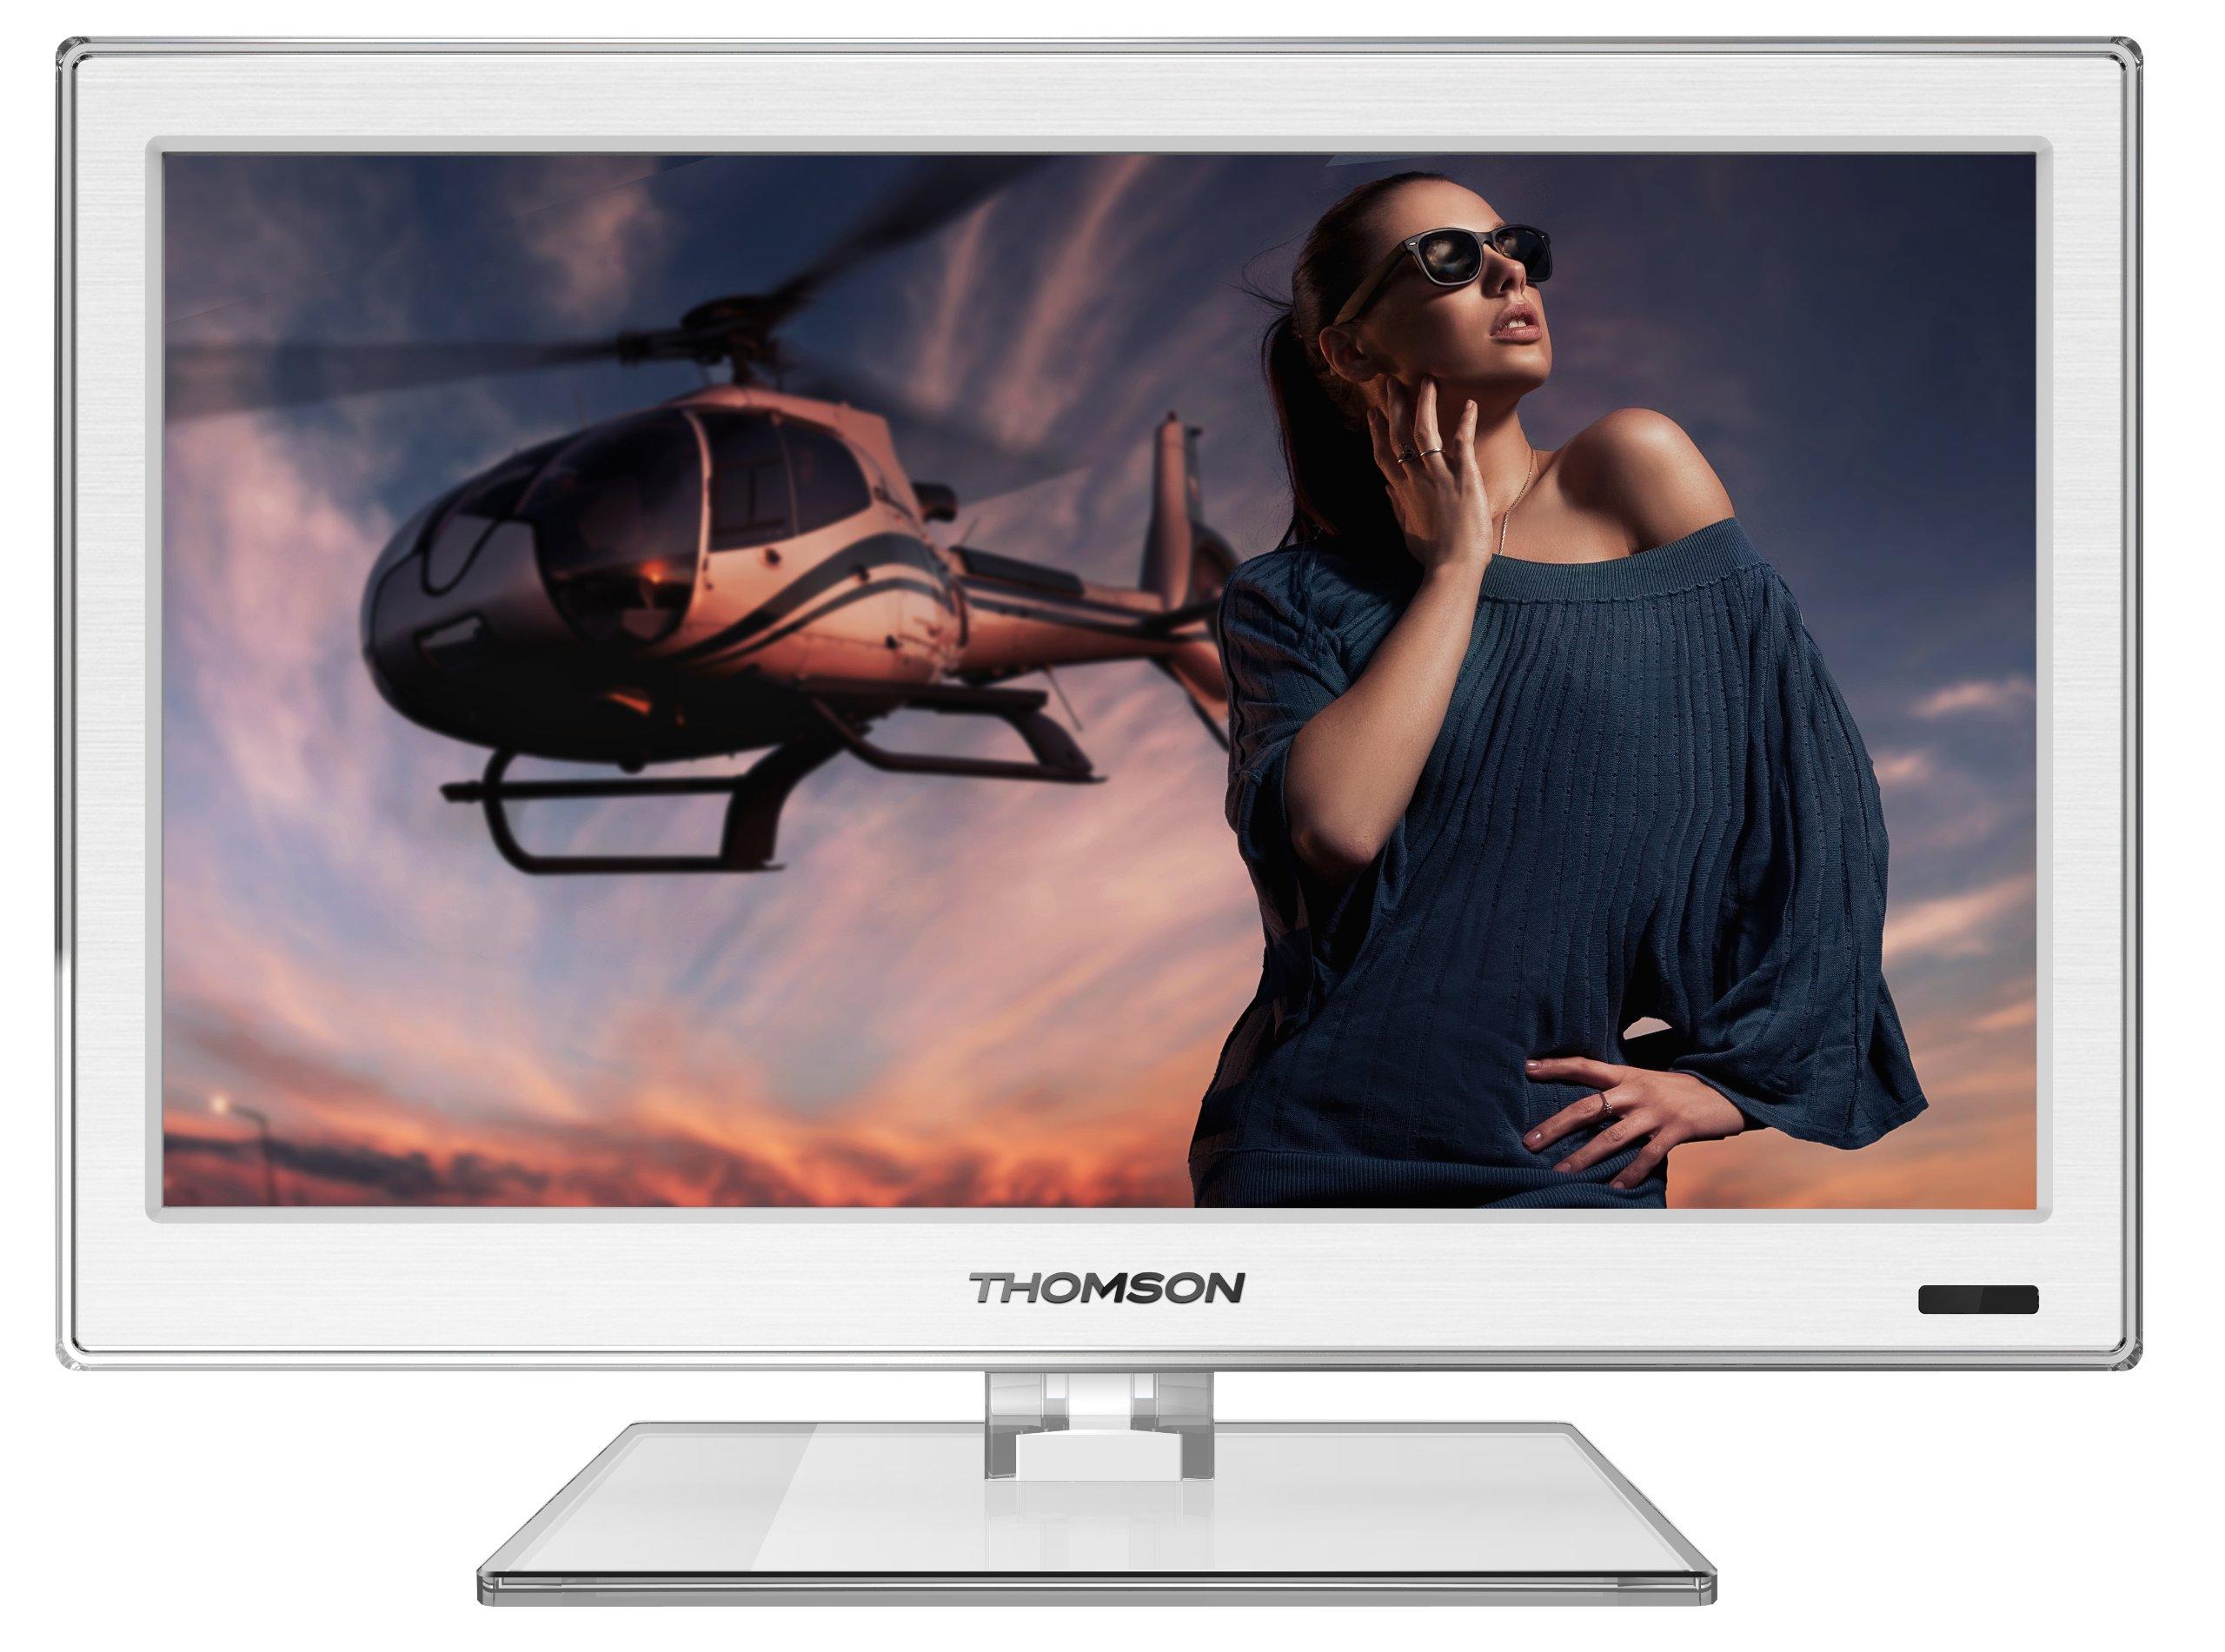 Thomson 19HW4323W/G LED TV - Televisor (48,26 cm (19